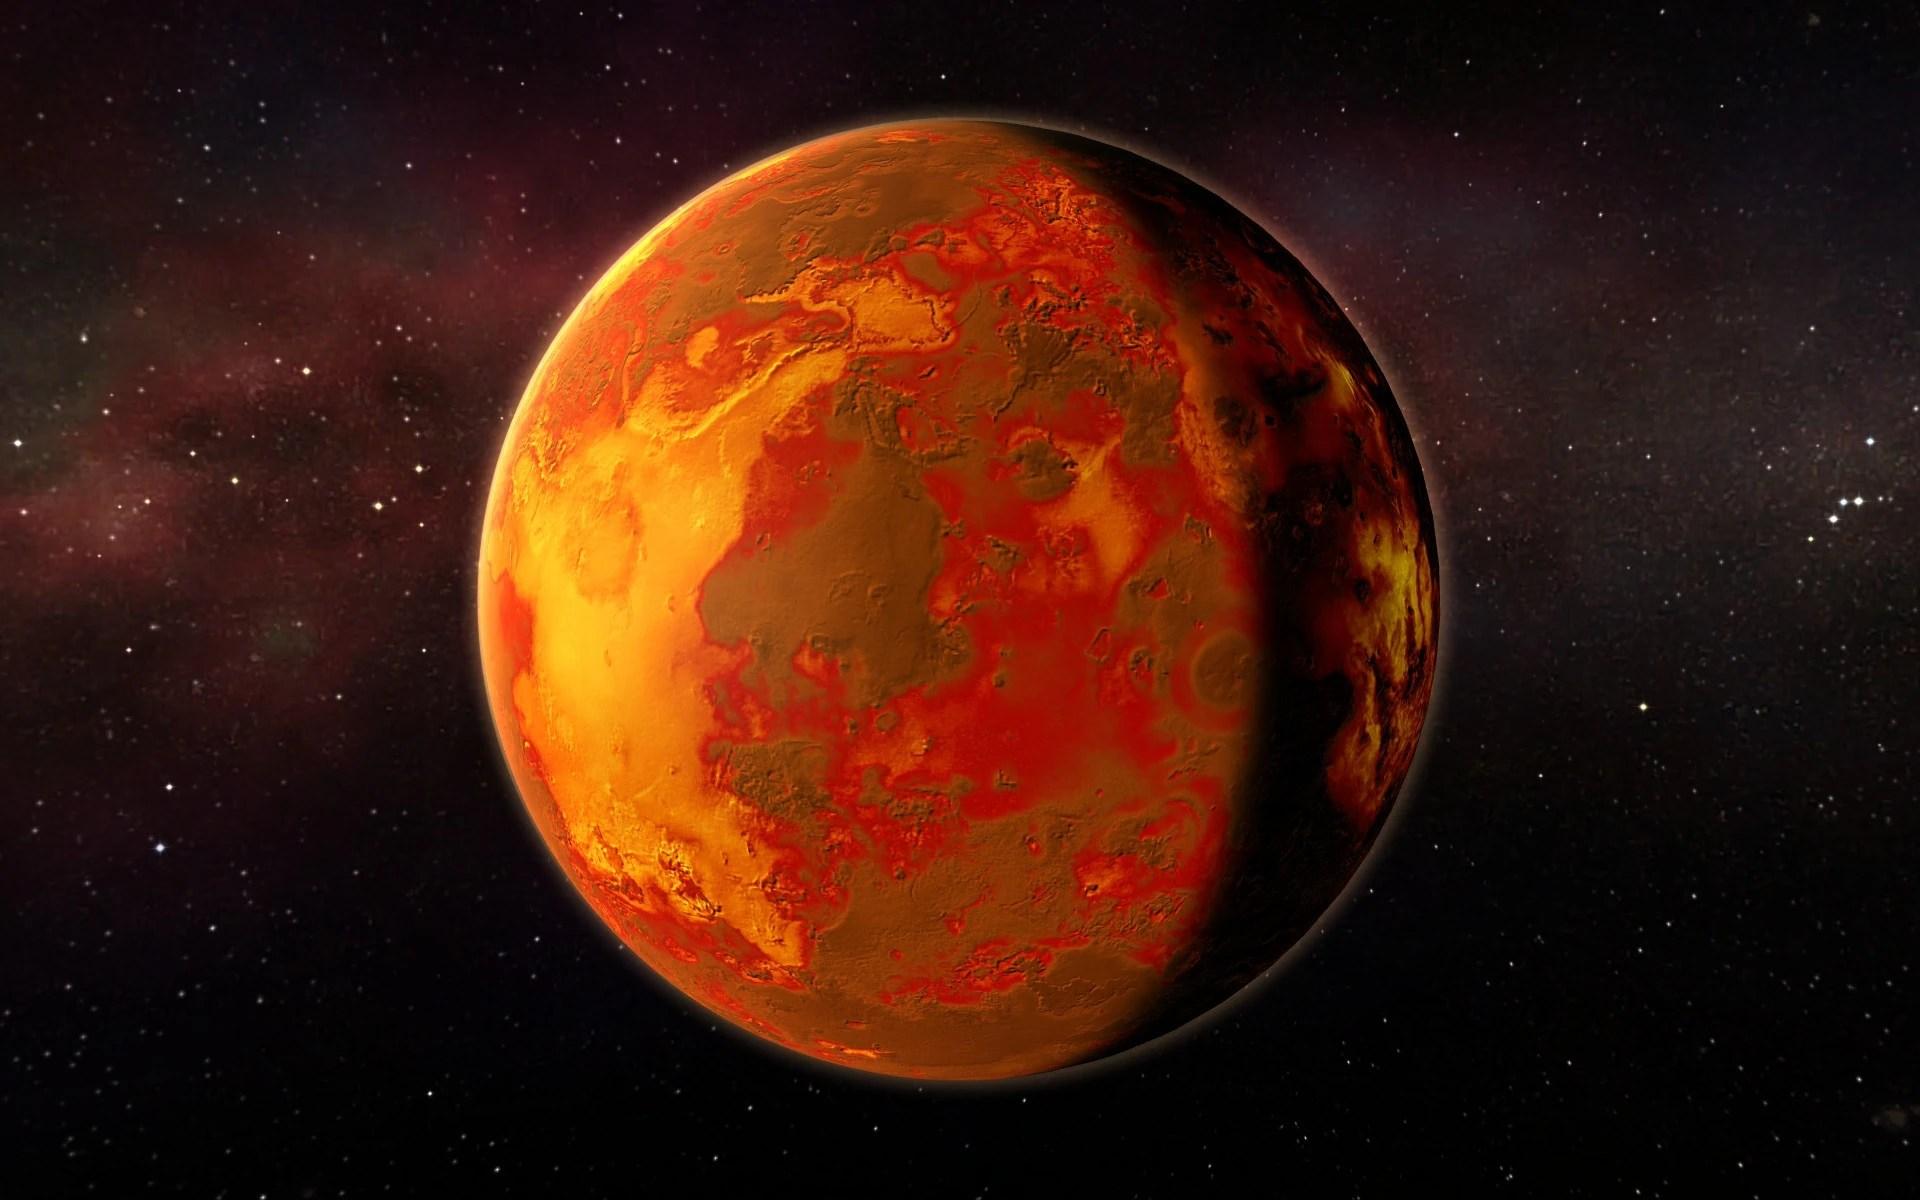 Image MoltenEarth3CGIPromojpg Planetpedia FANDOM